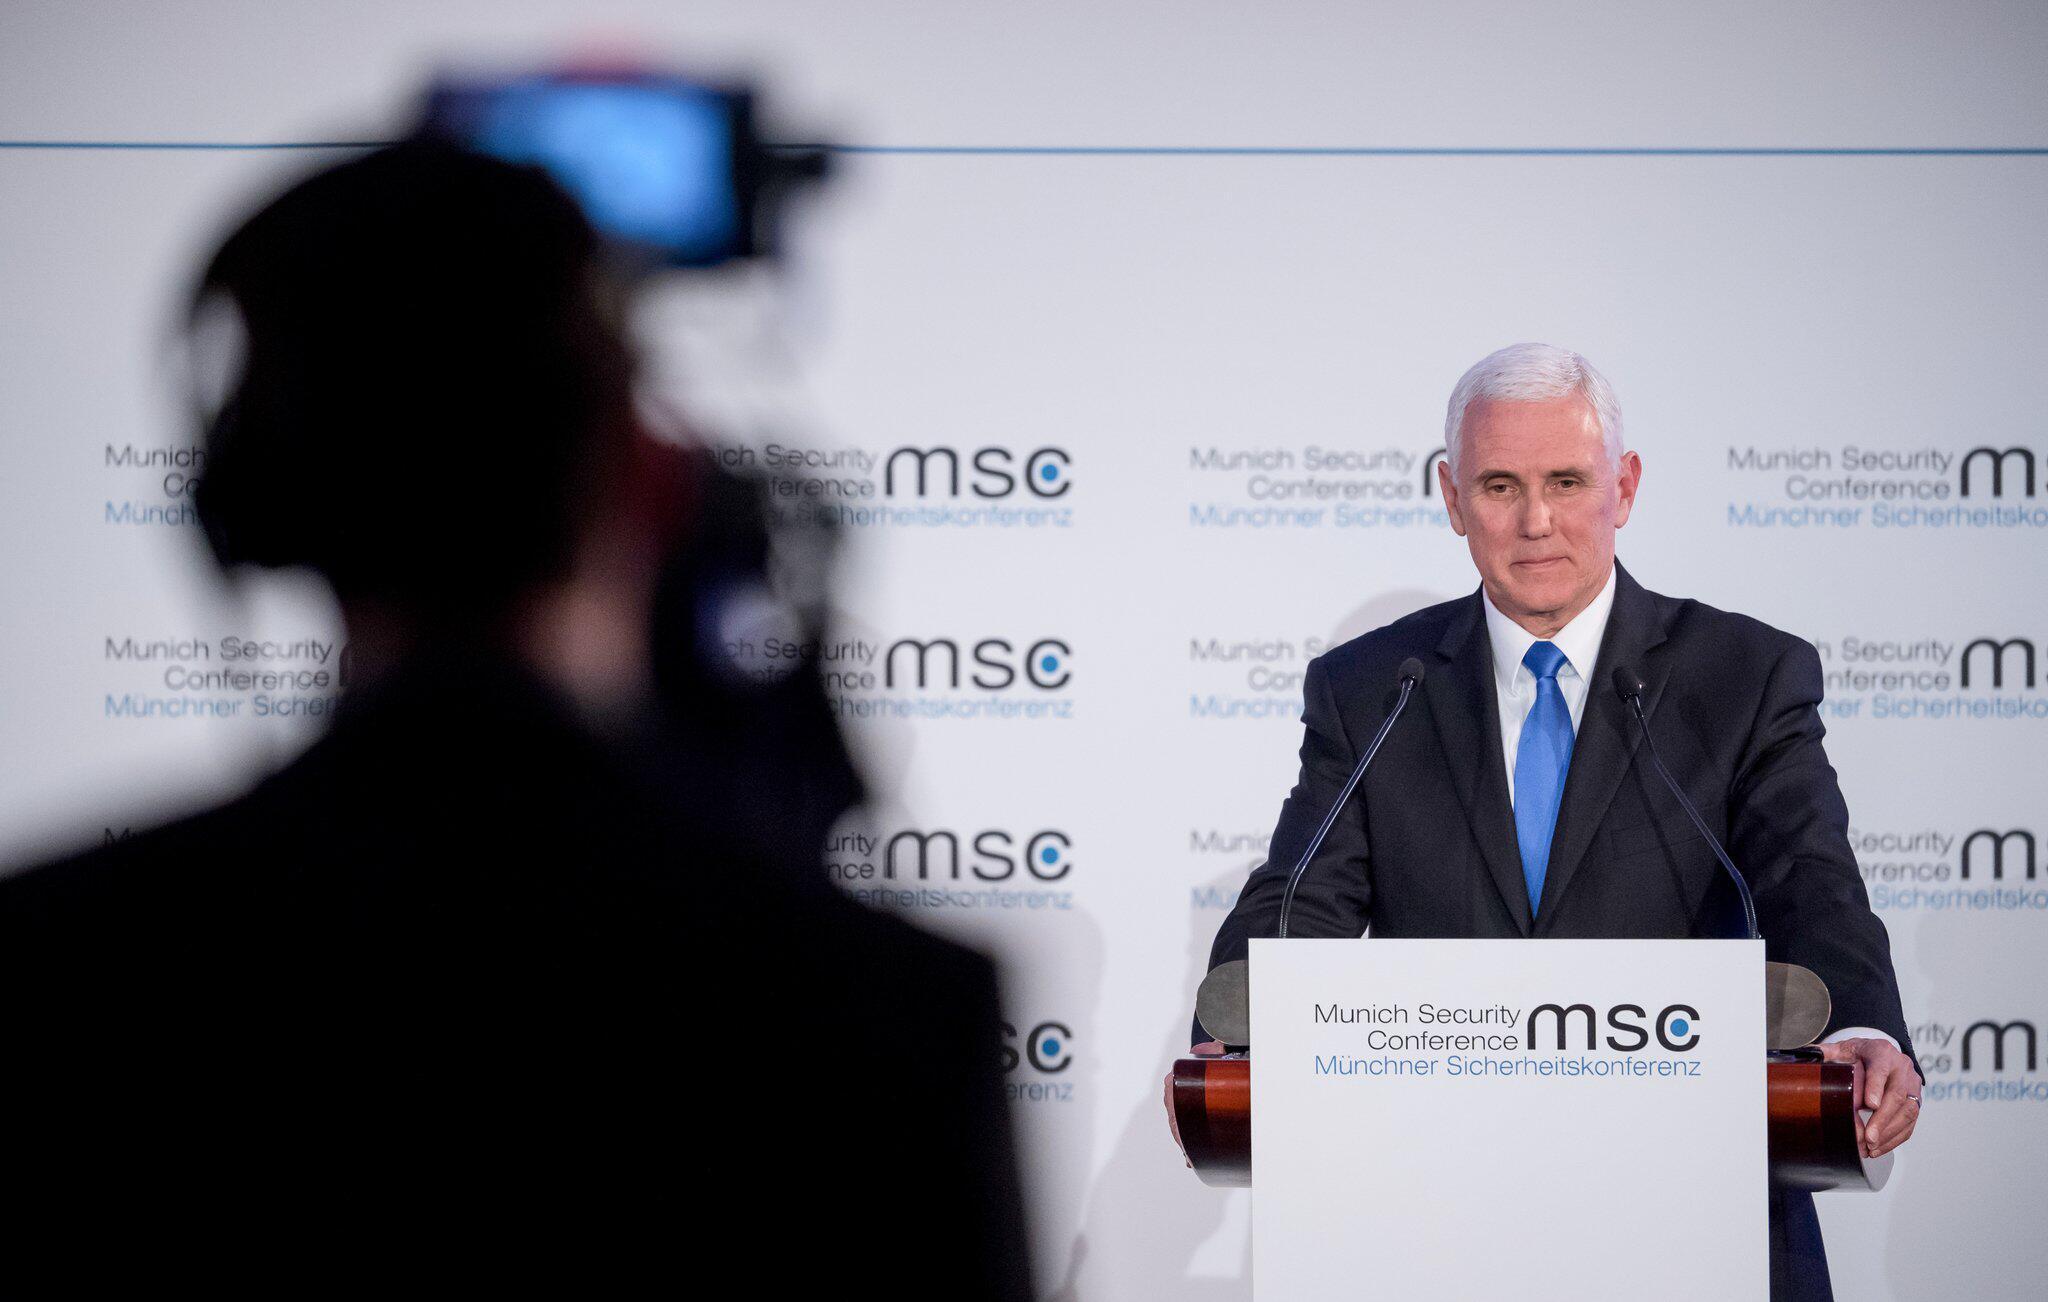 Bild zu 55. Münchner Sicherheitskonferenz - John McCain Preis